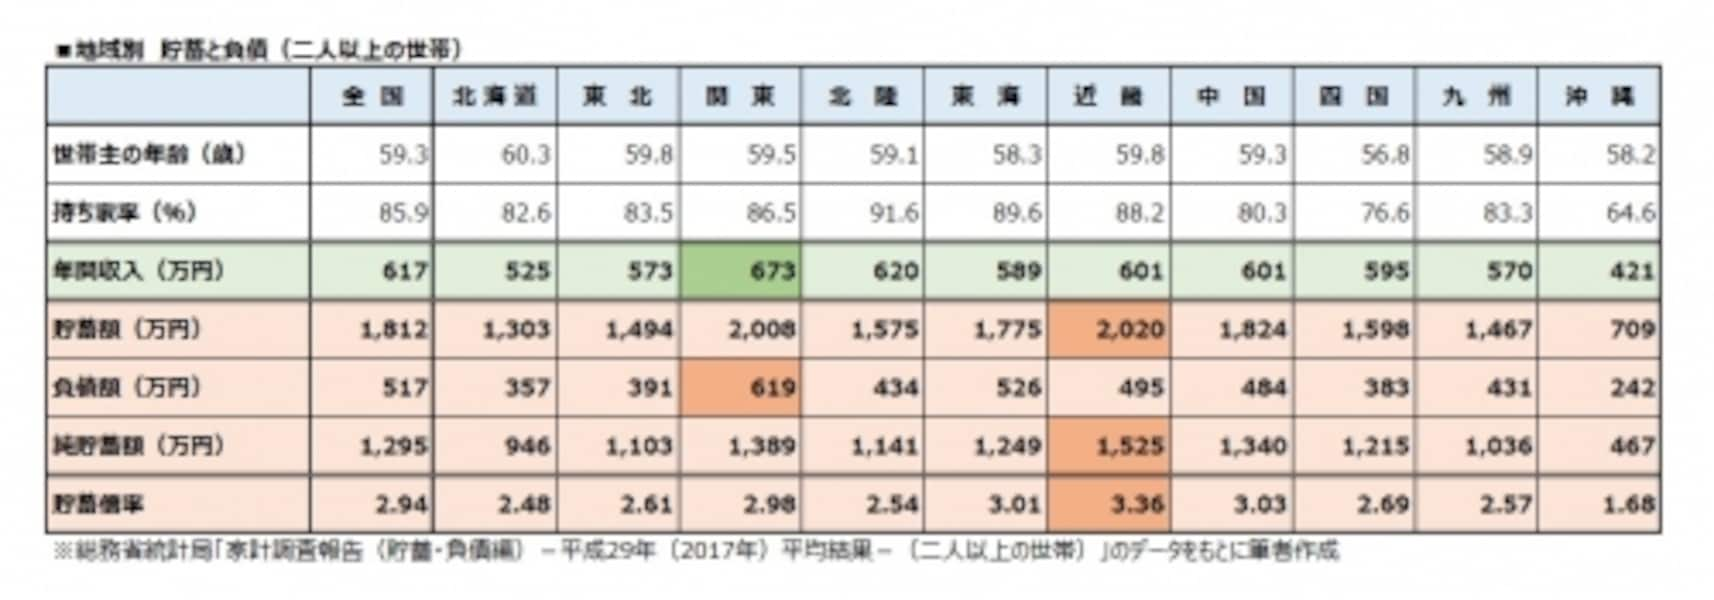 地域別undefined貯蓄と負債(二人以上の世帯)